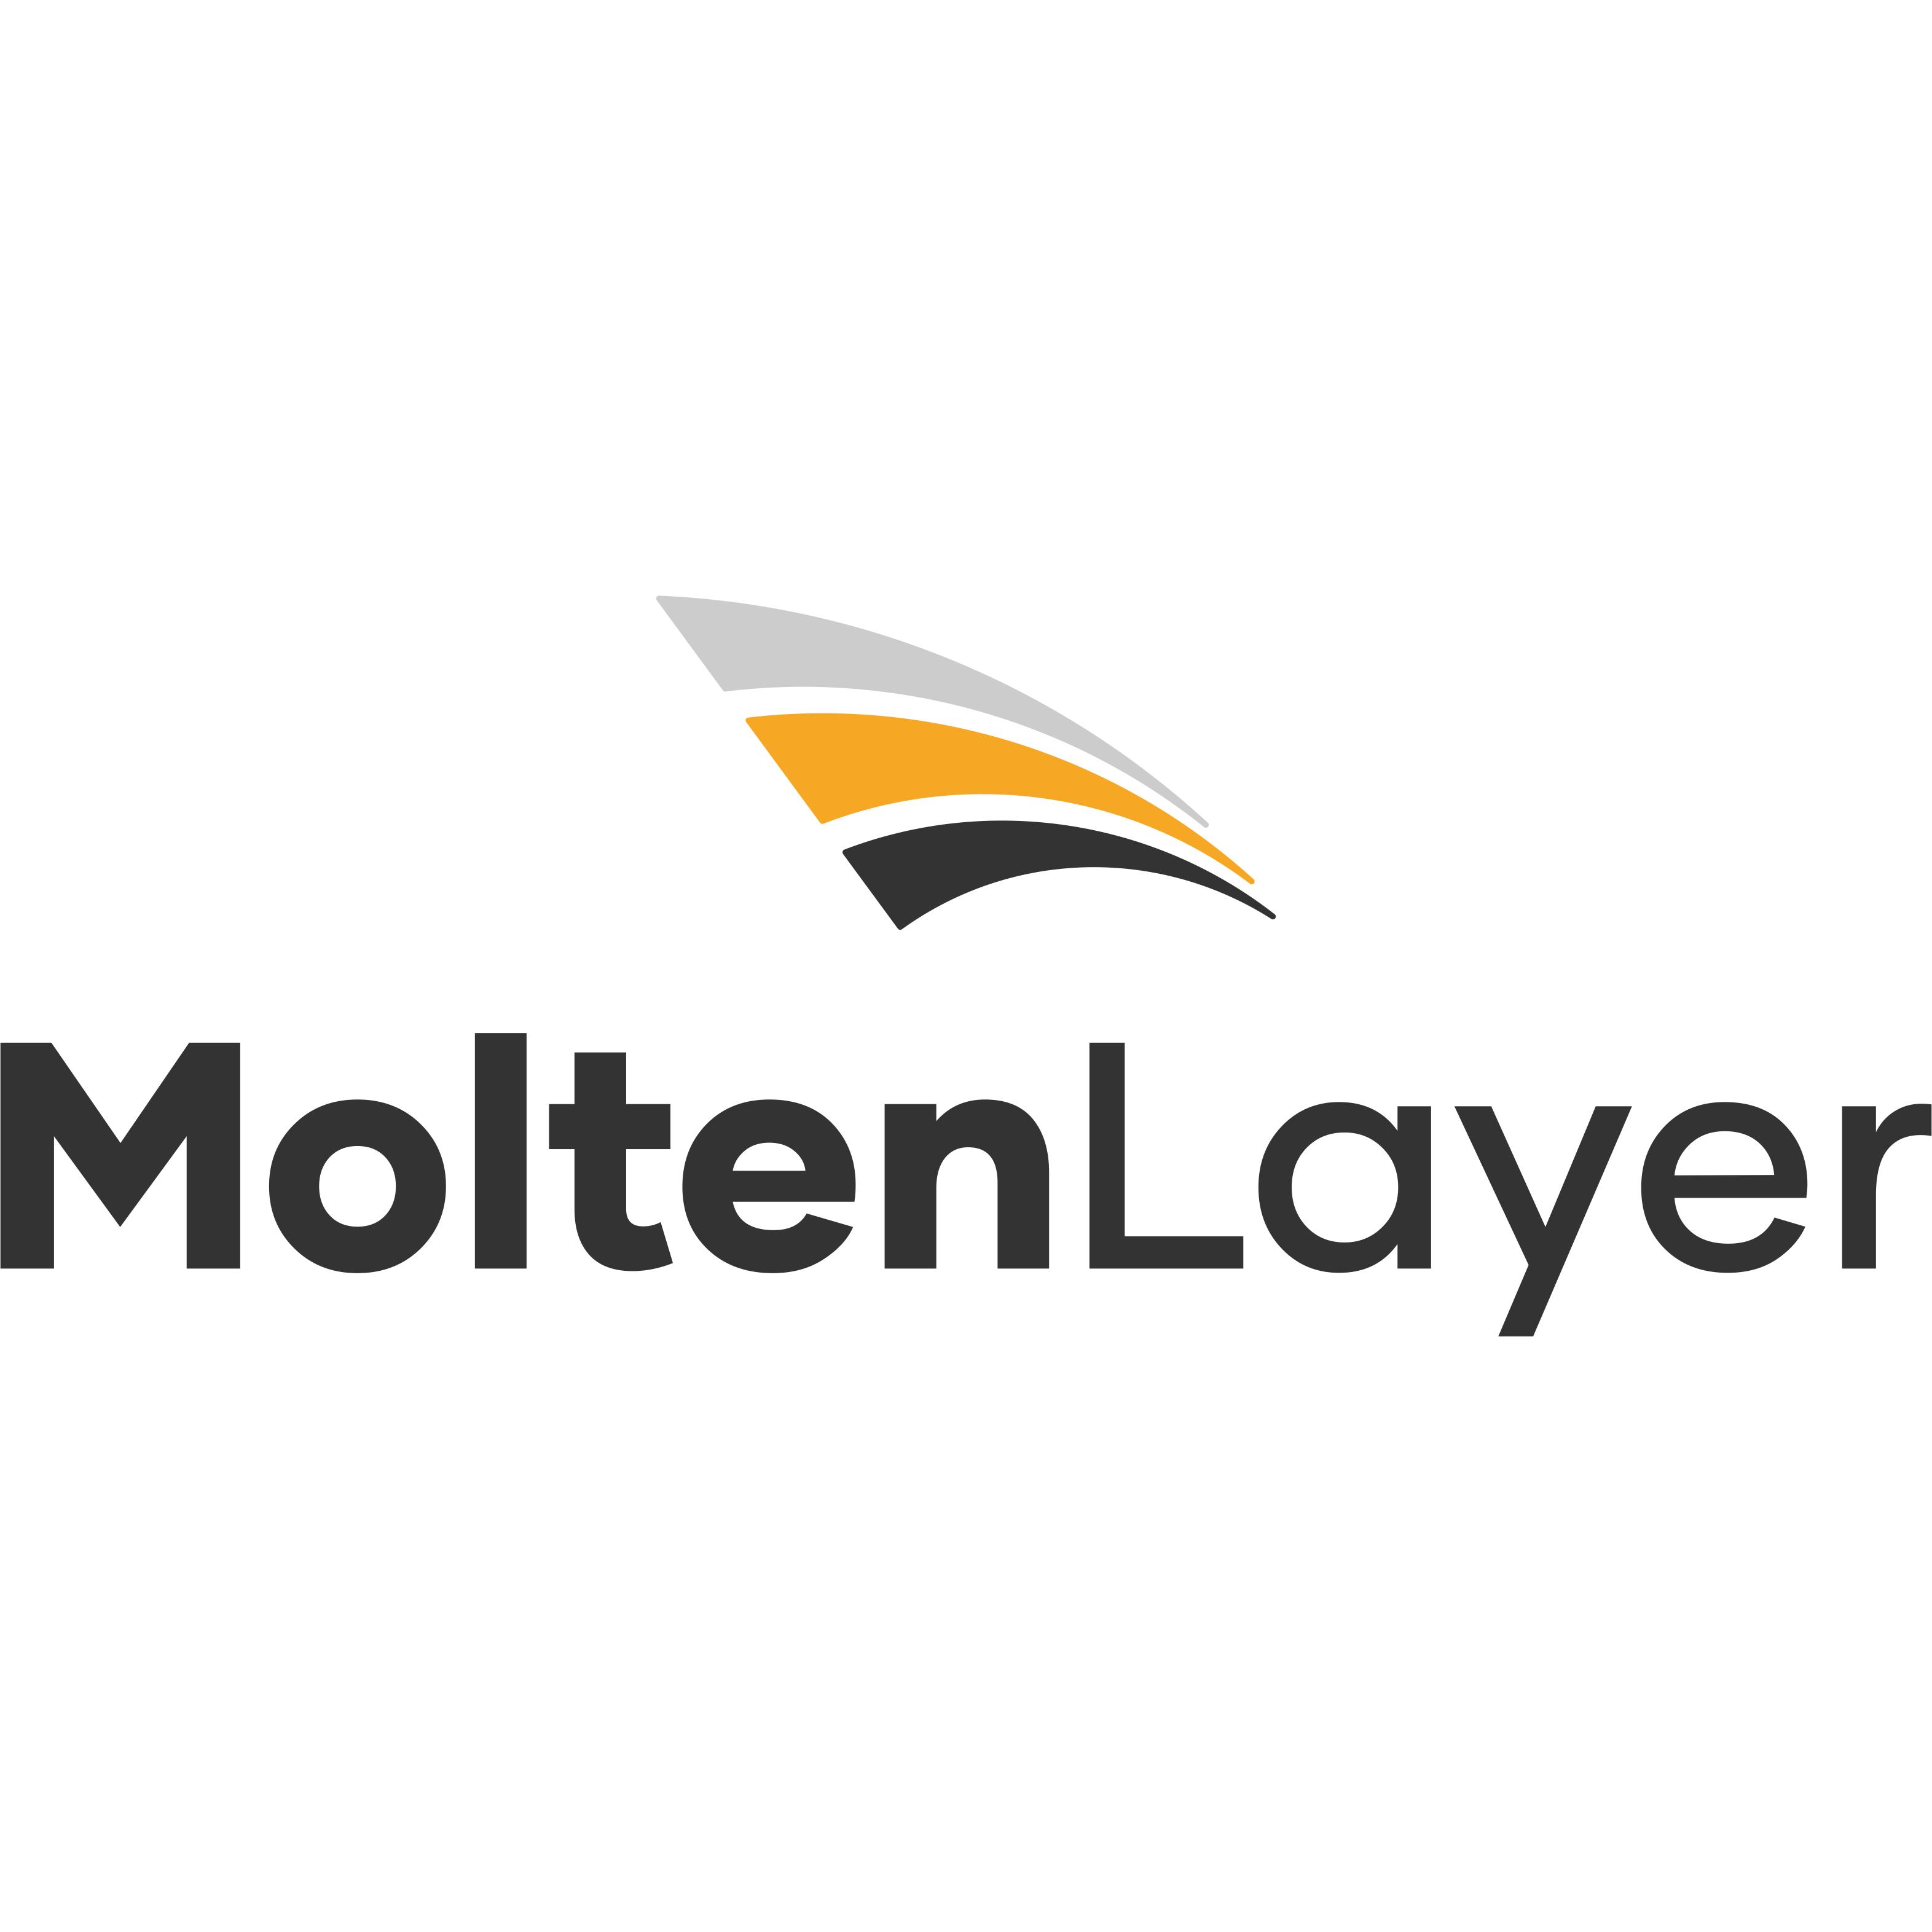 Molten Layer